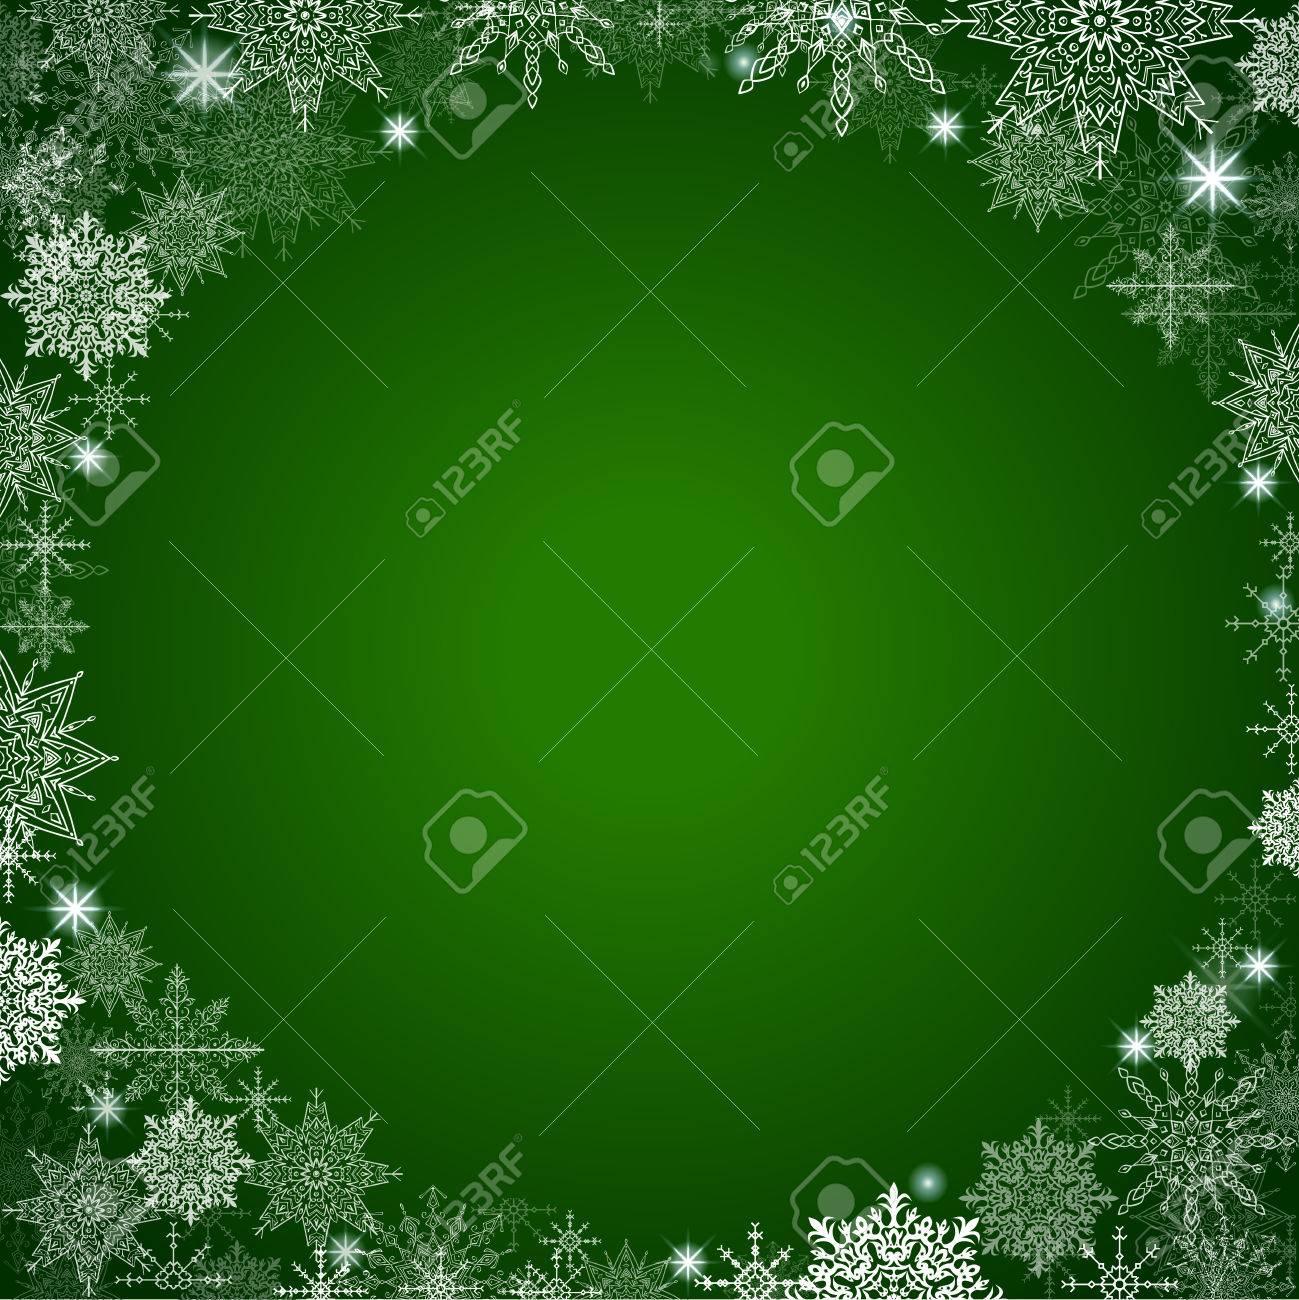 Fabelhafte Weihnachten Hintergrund Viel Schneeflocken Um Den Rahmen ...